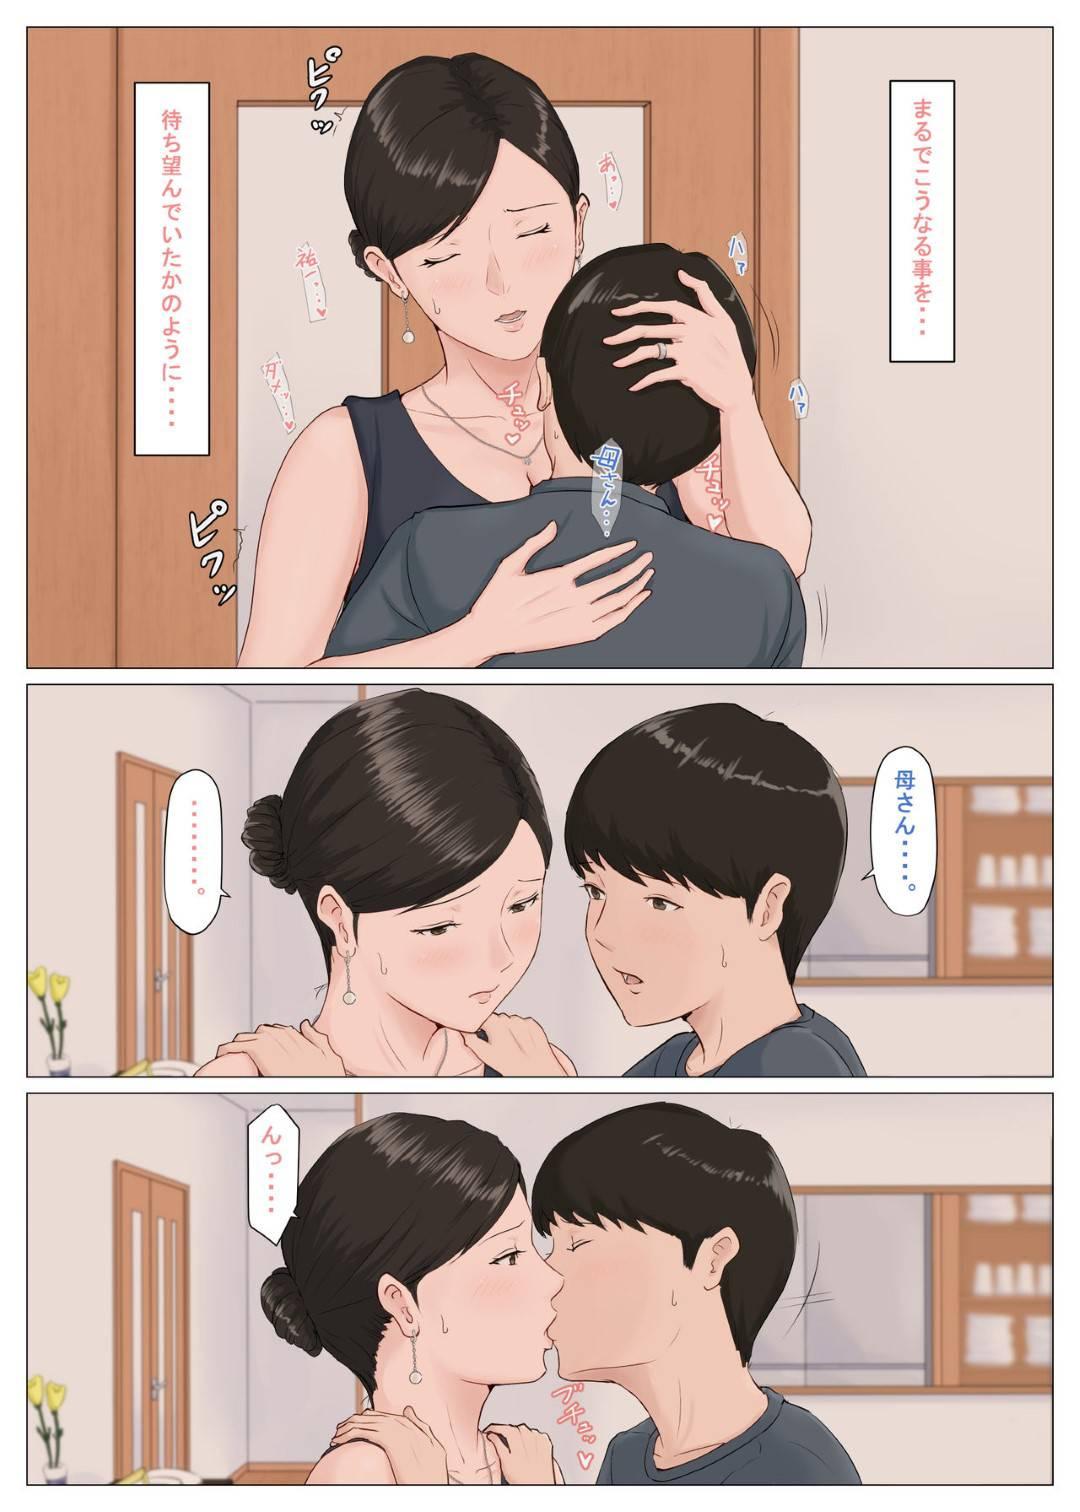 【巨乳母親近親相姦フルカラーエロ漫画】息子との身体の関係が続いている母親は、夫が家に居ようとも構うことなくで息子に襲われる事を危惧し関係を終わらせるよう息子を説得する【ほーすている】